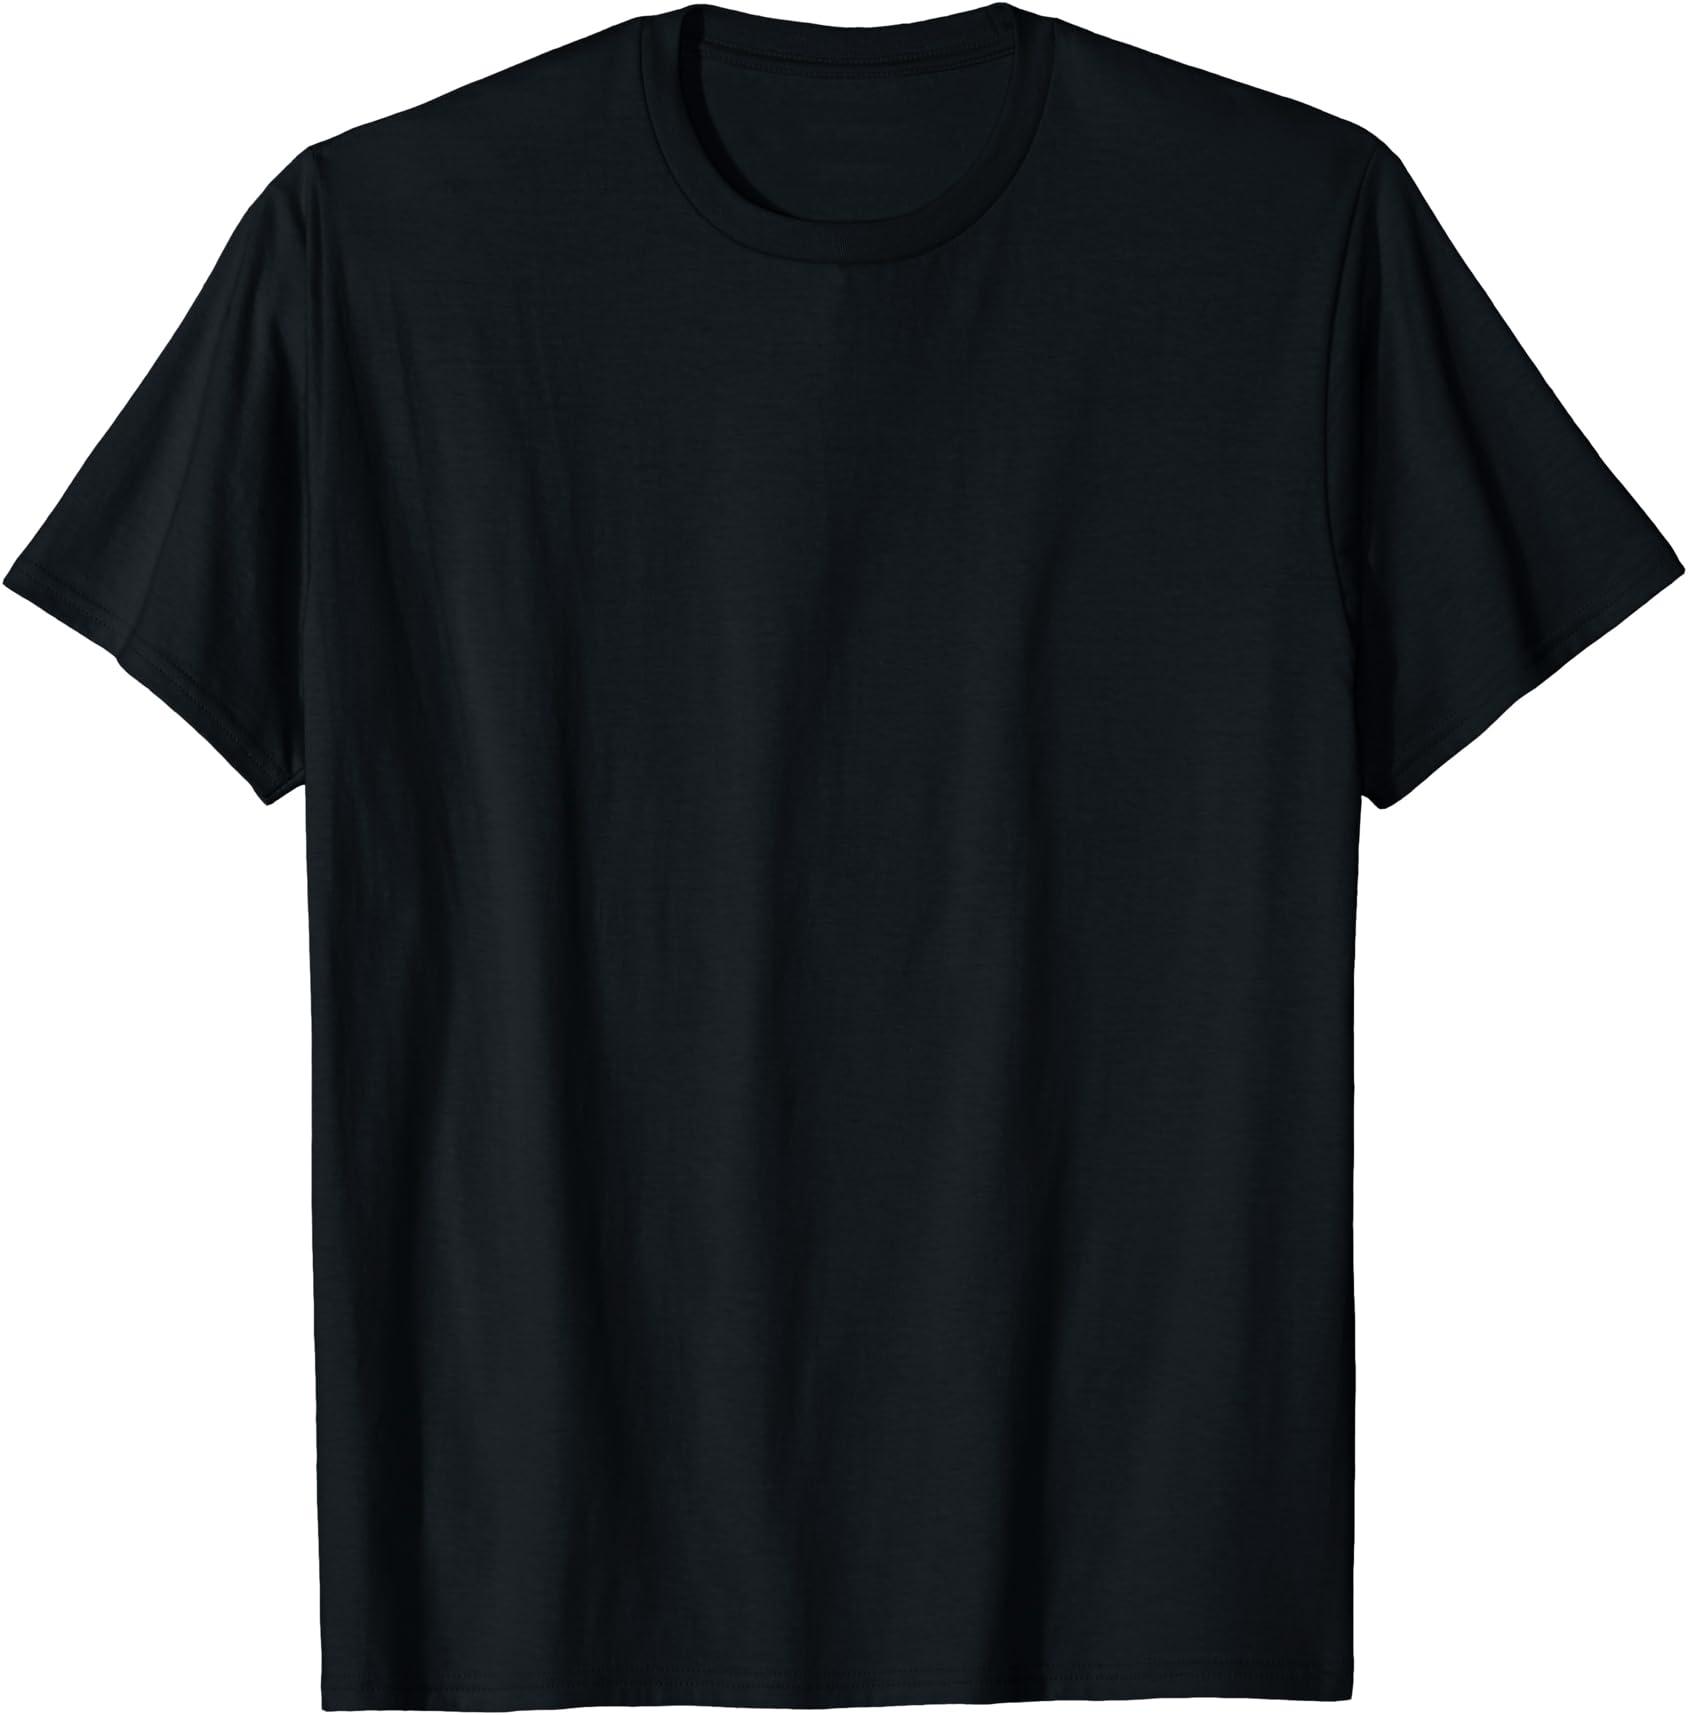 All Over Shirts Spider Grunge Sweatshirt